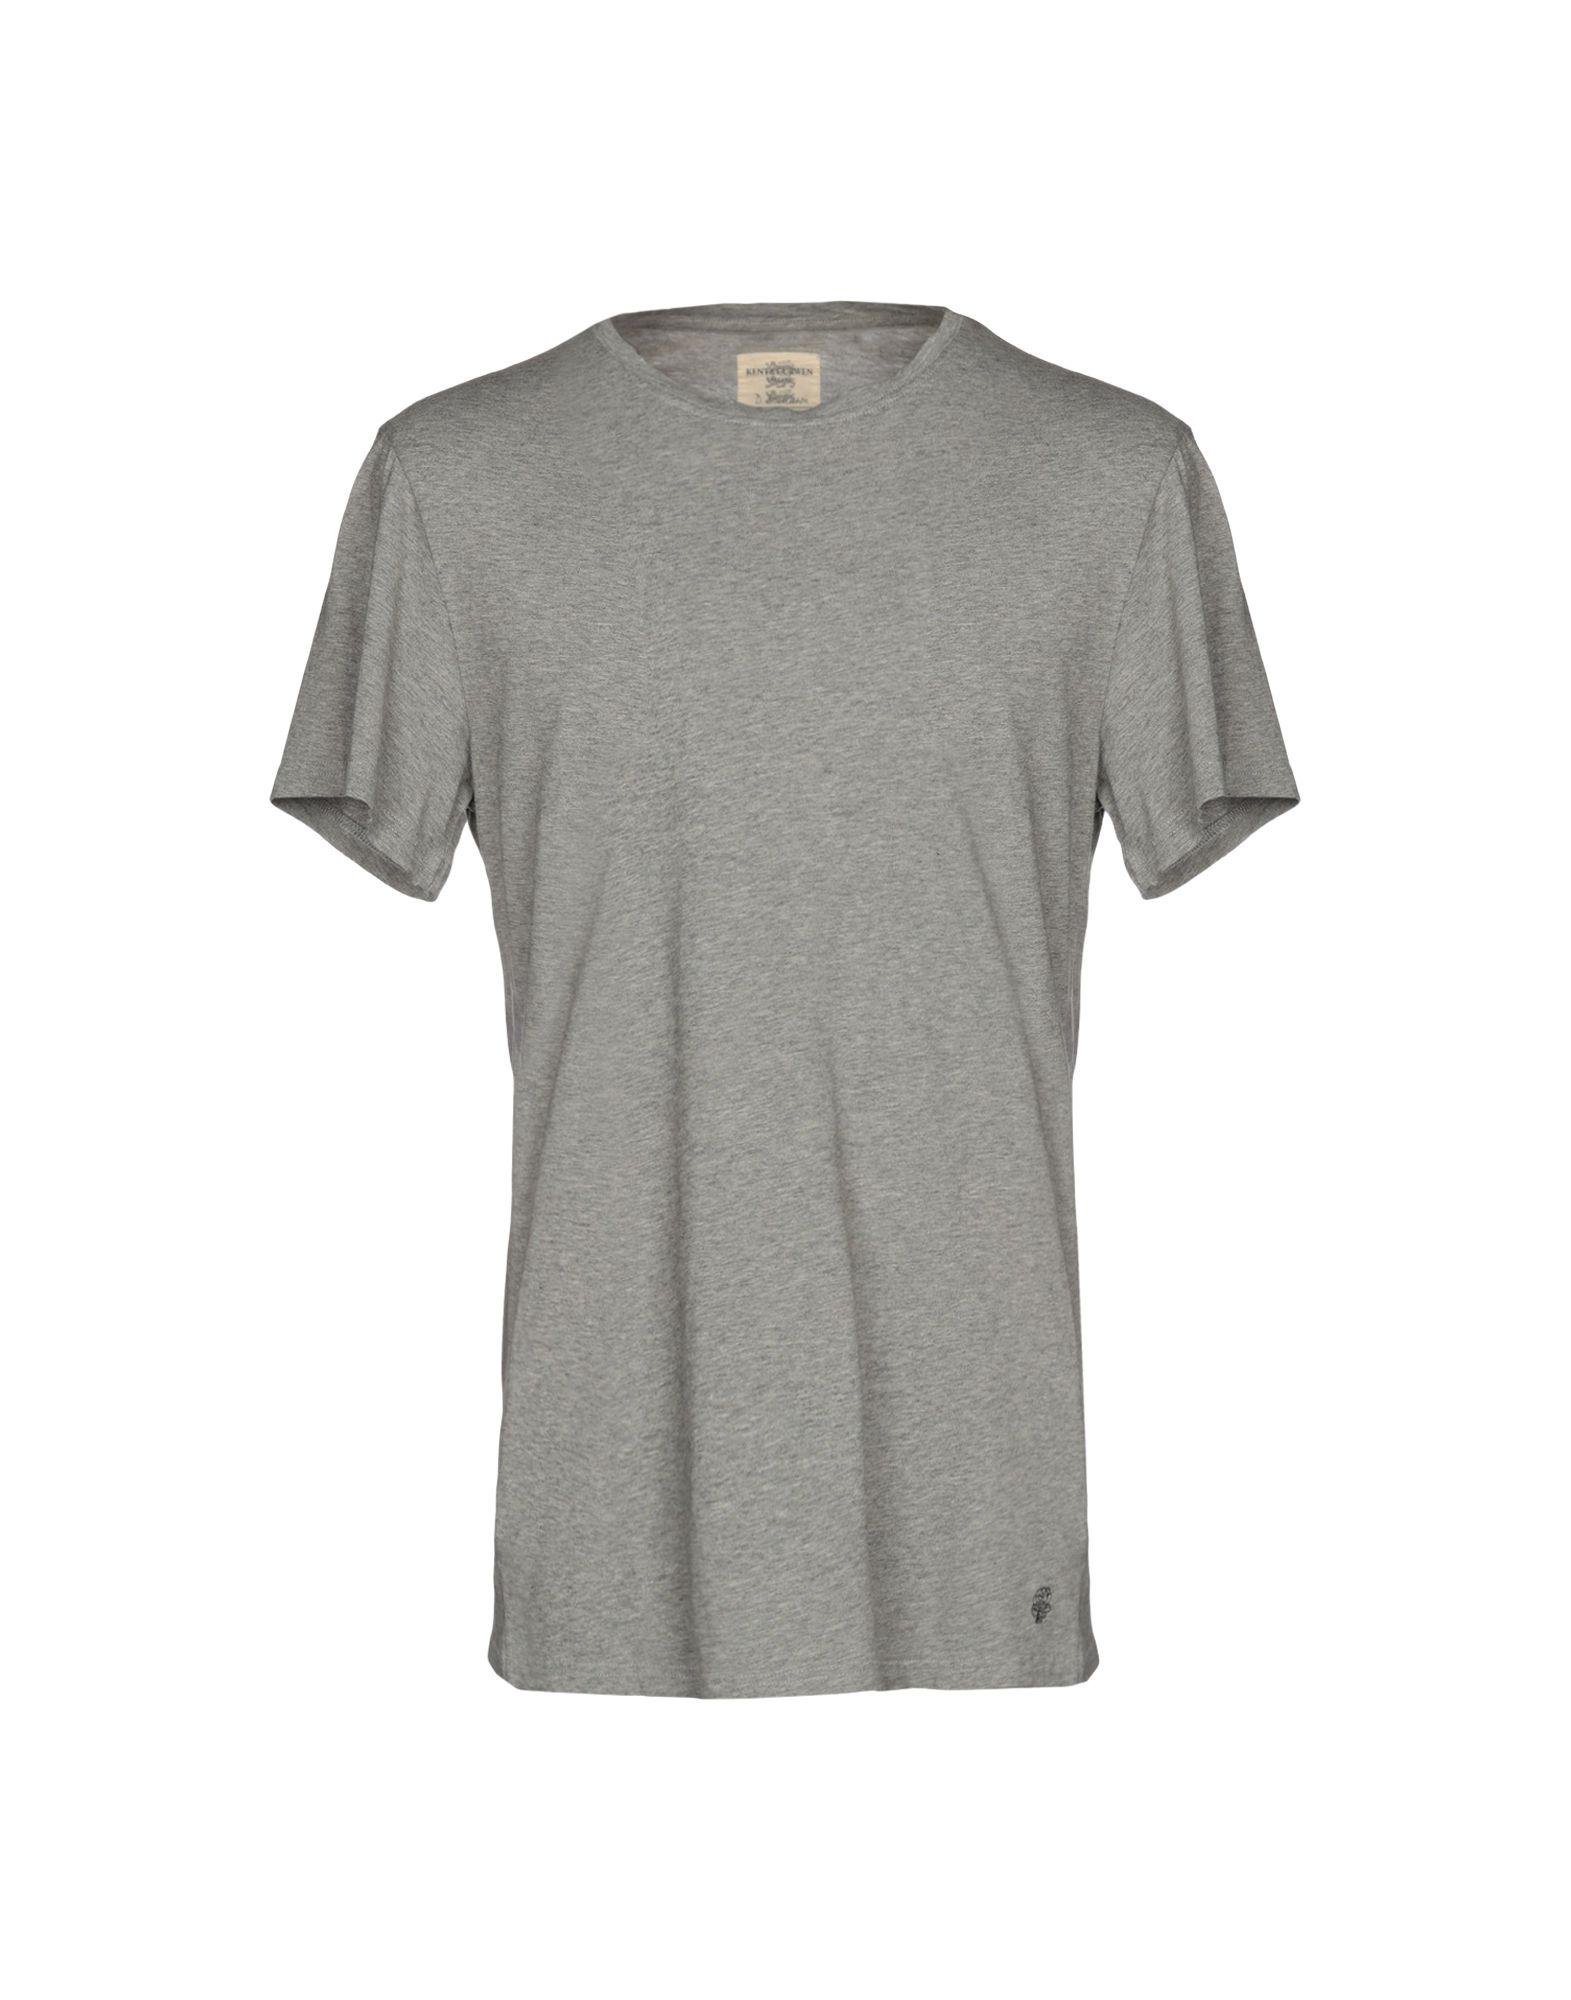 《送料無料》KENT & CURWEN メンズ T シャツ グレー M コットン 100%